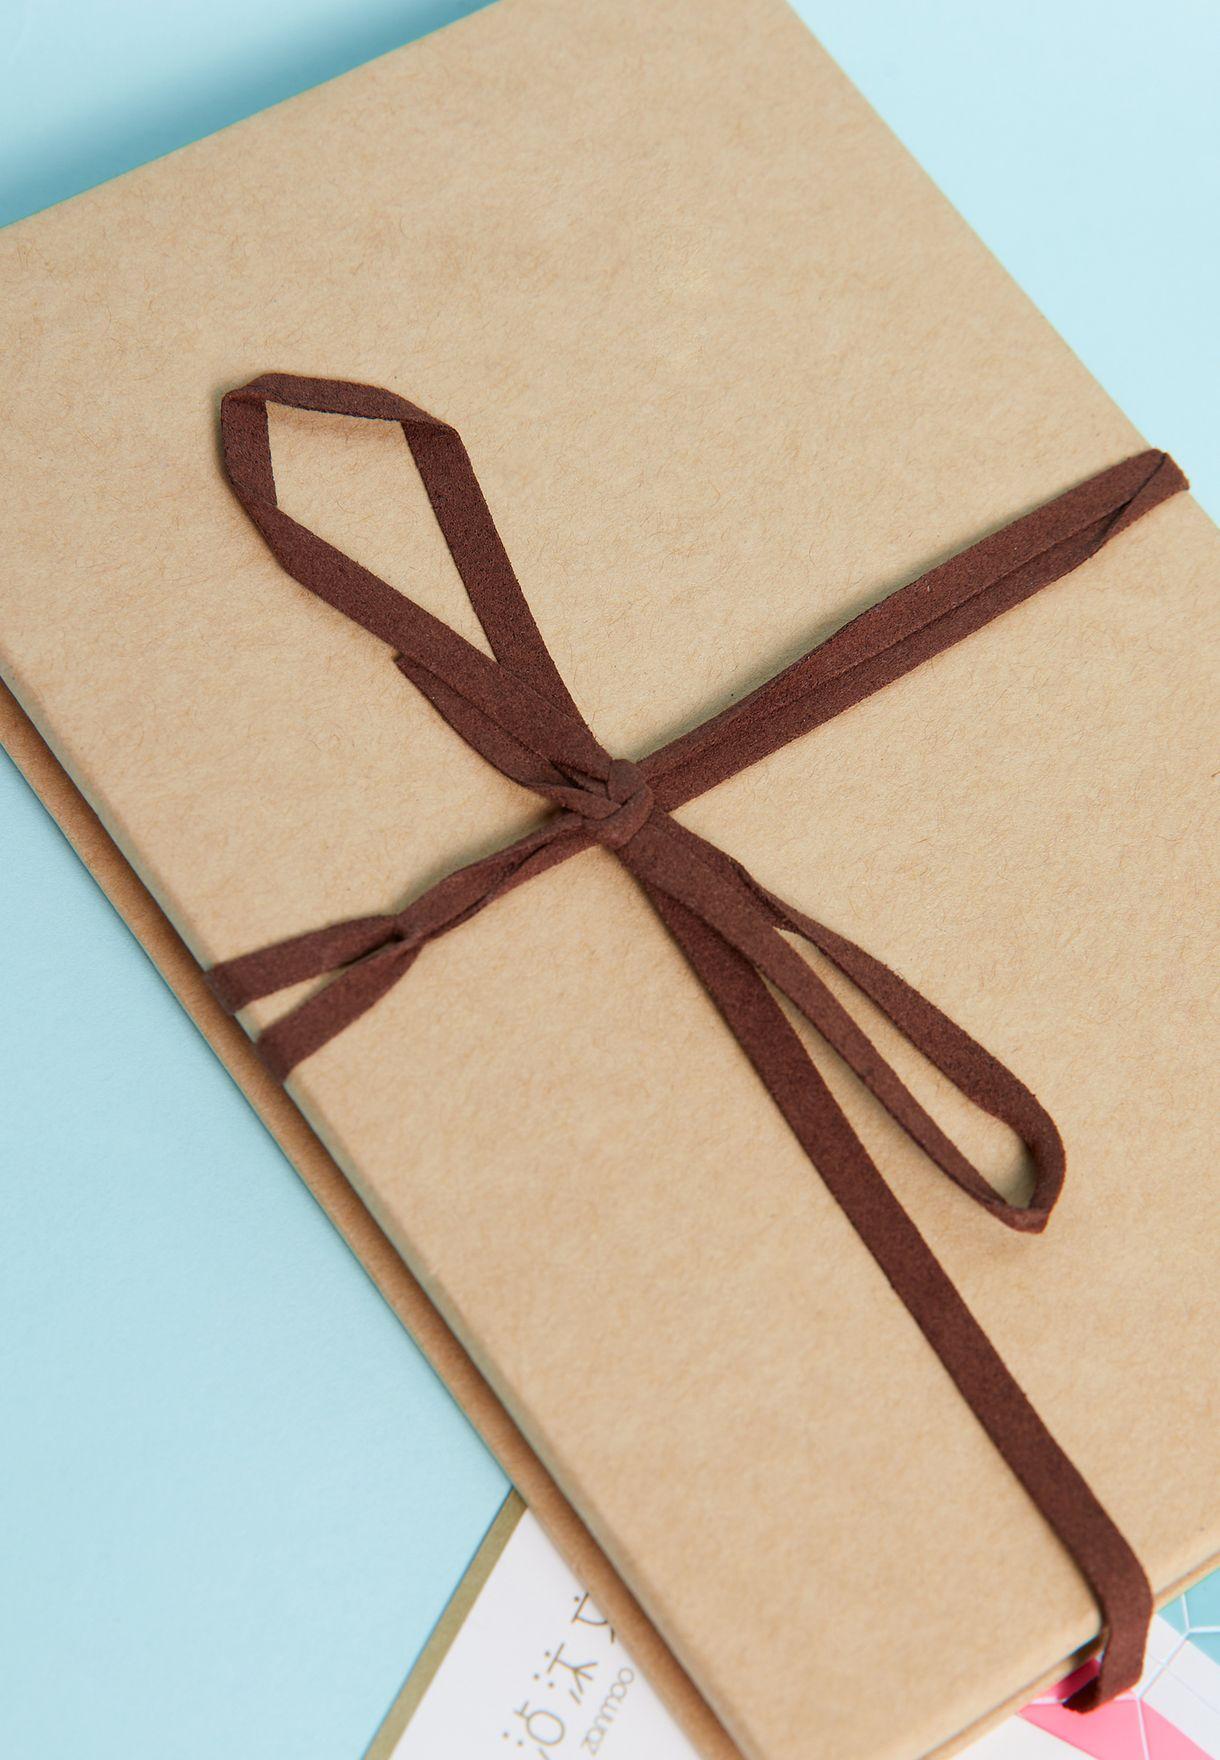 صندوق طابعة انستاكس ميني لينك وردي